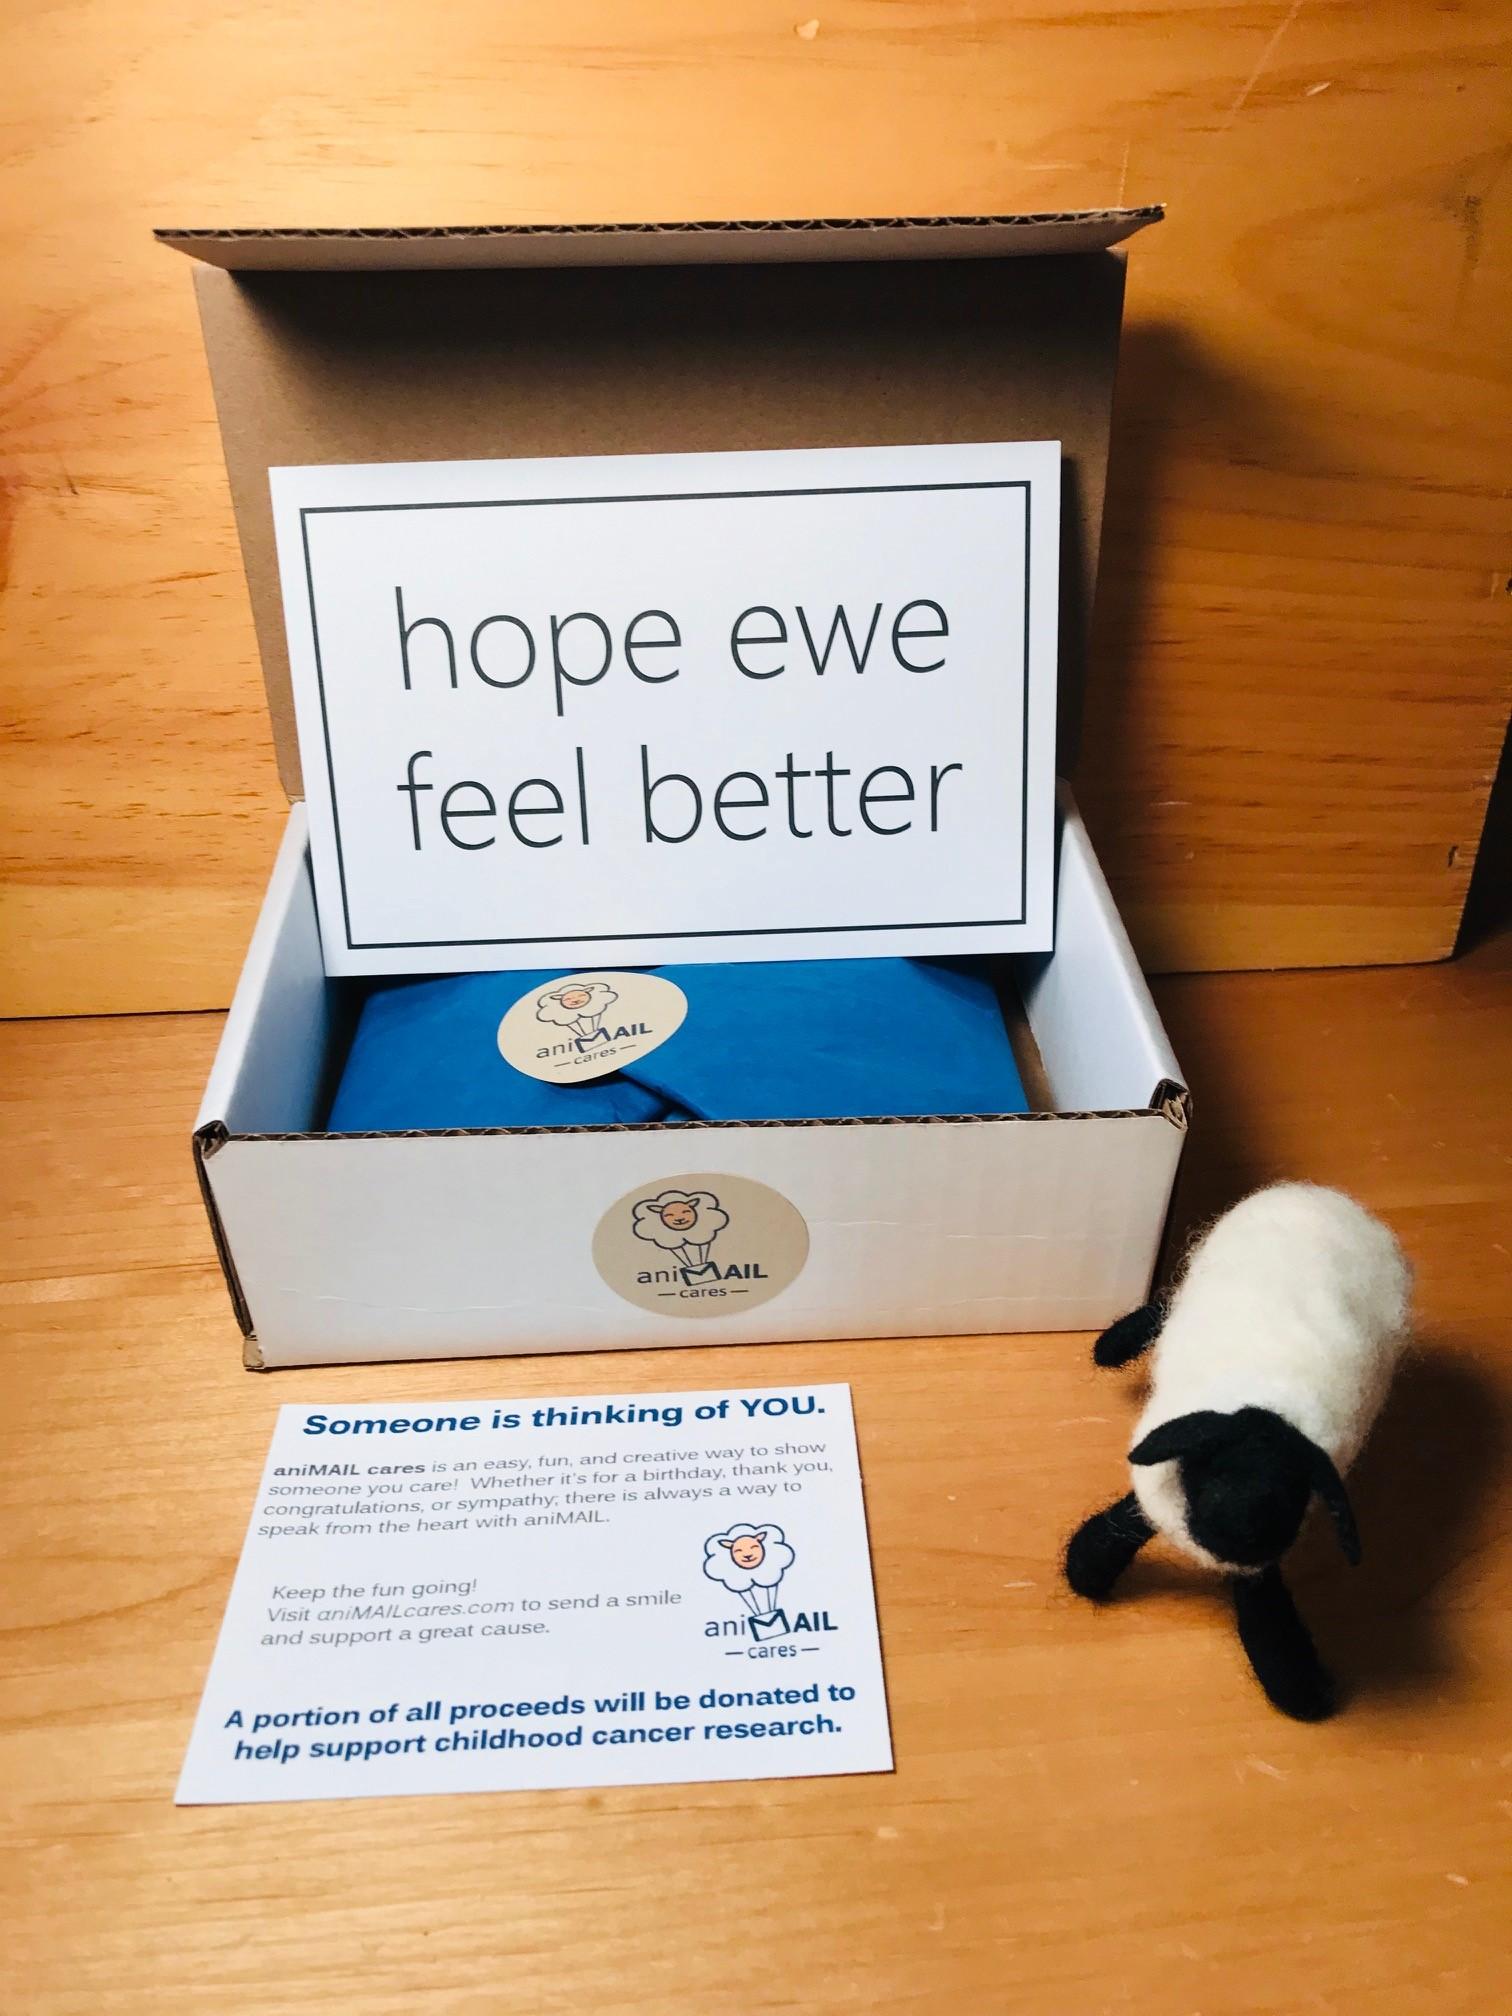 hope ewe feel better